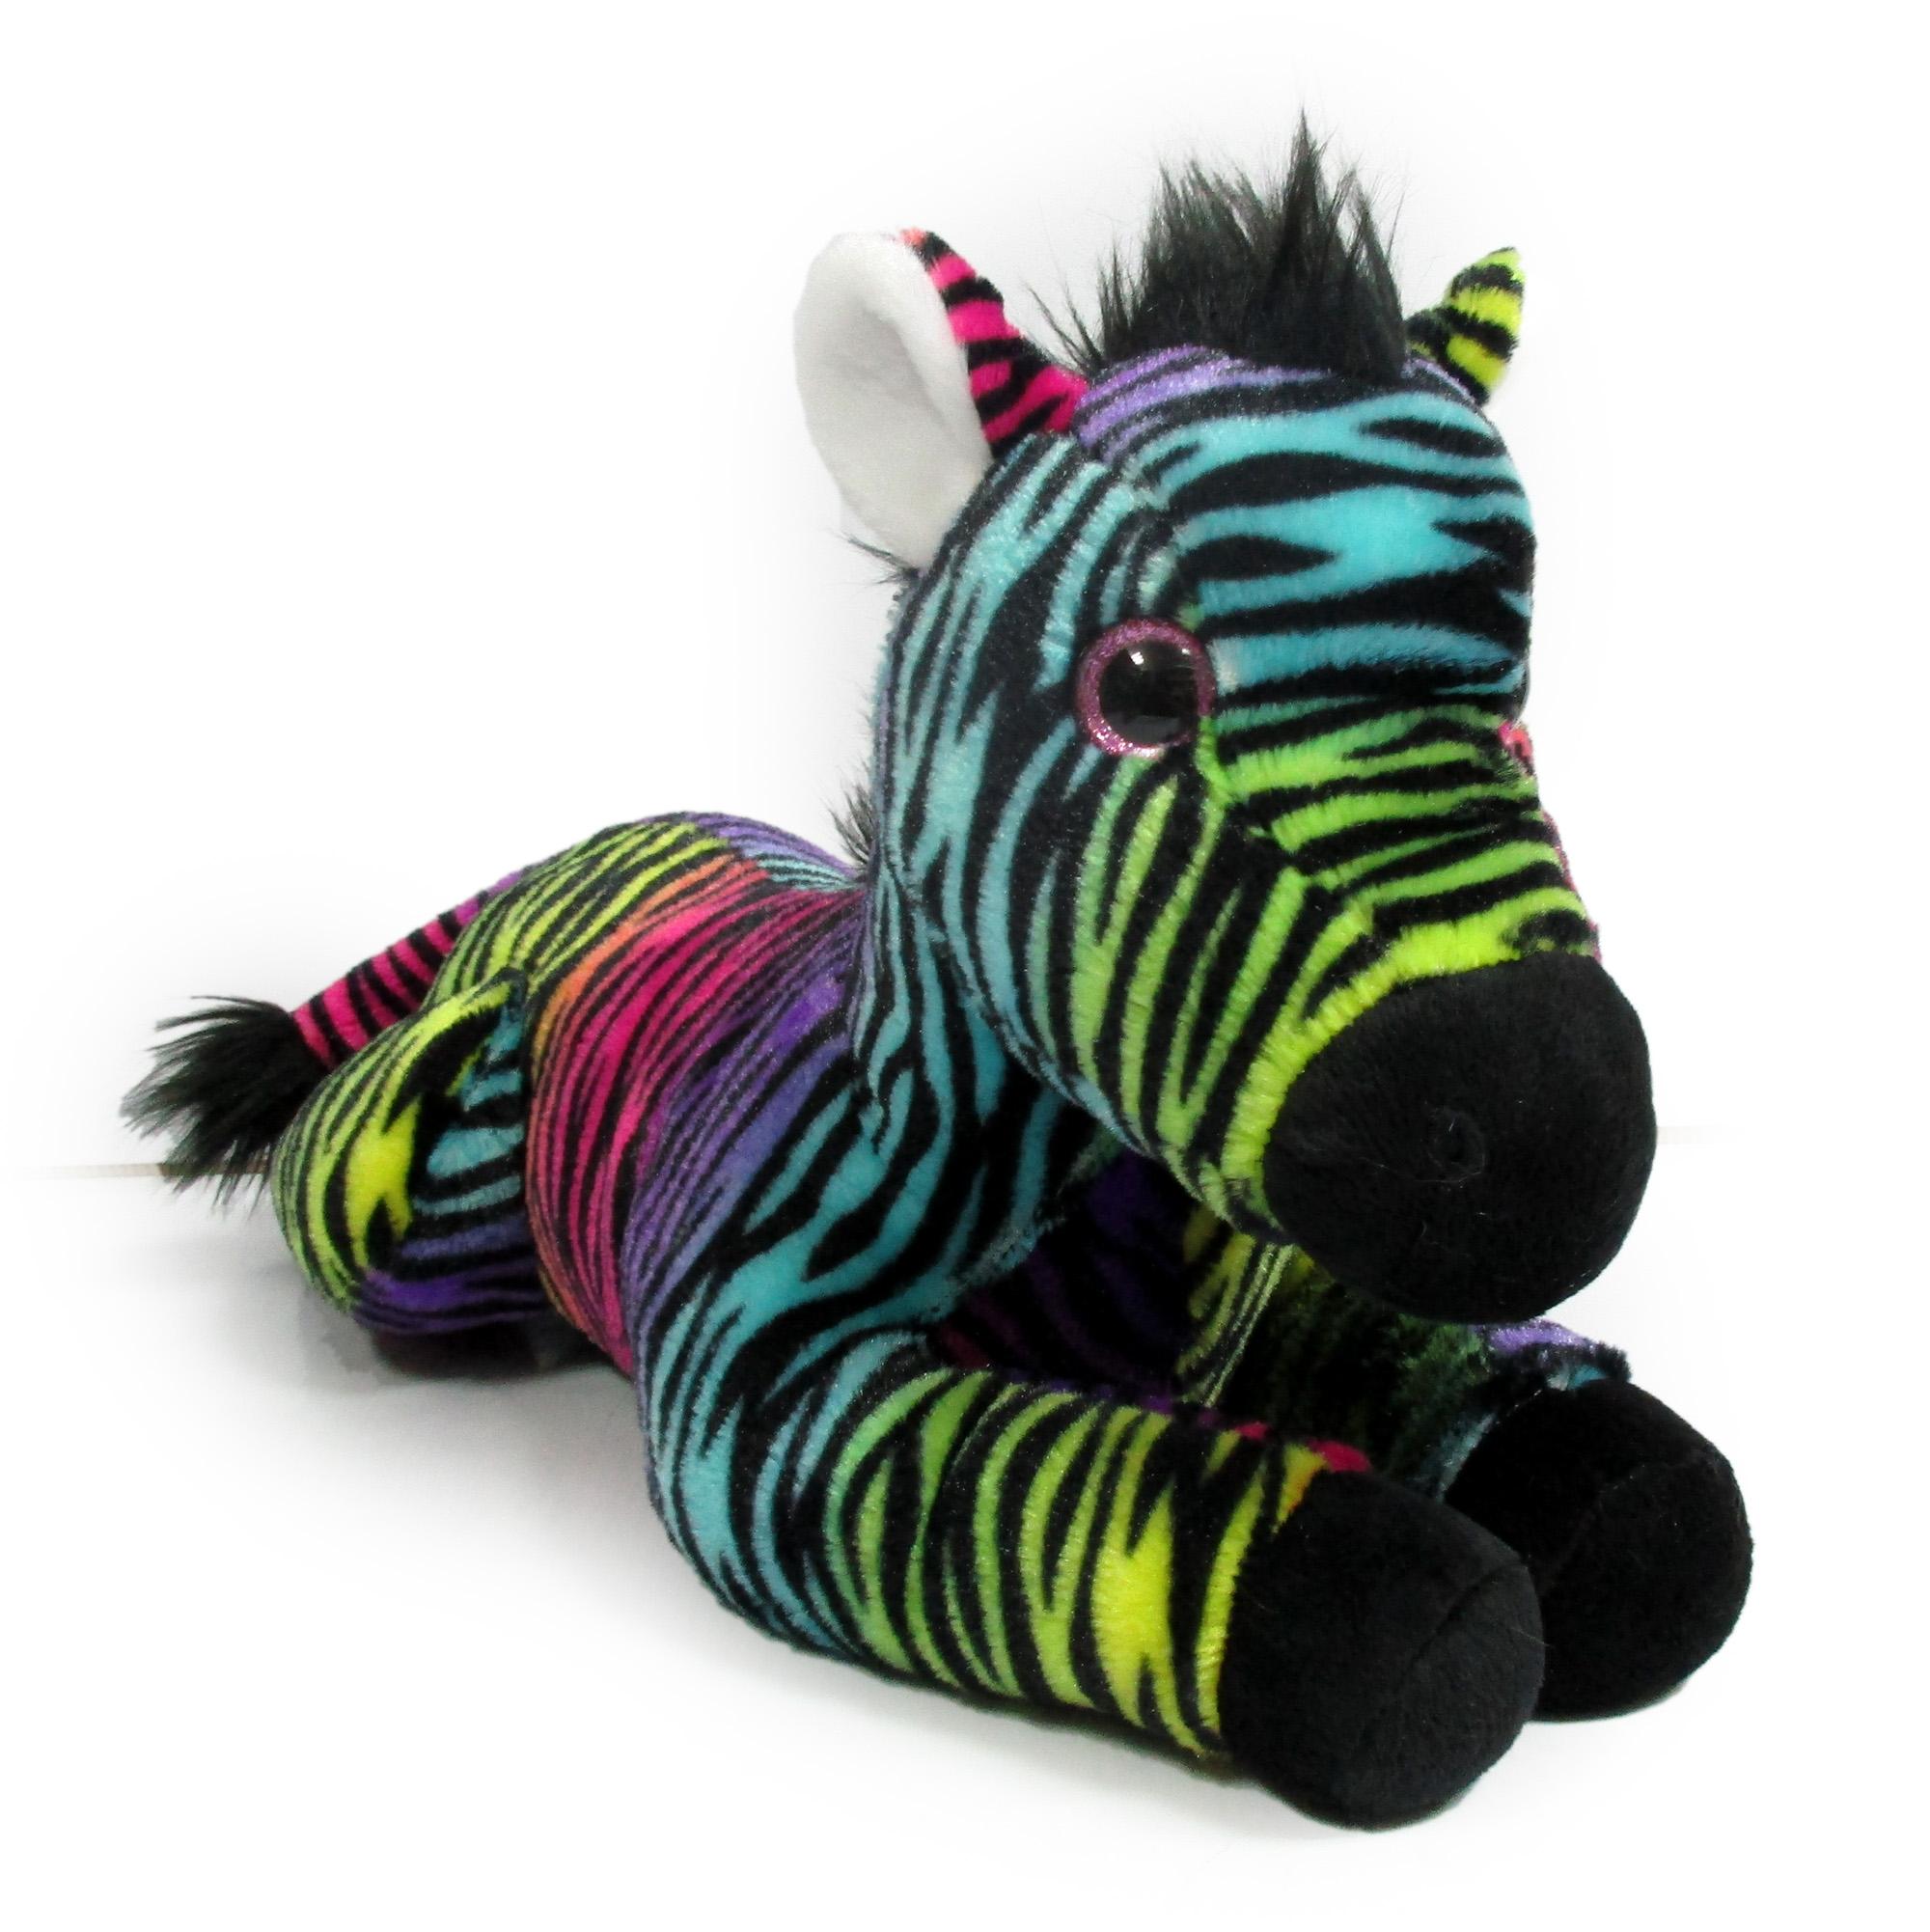 Plush Toy 19 L Floppy Rainbow Zebra Walmart Com